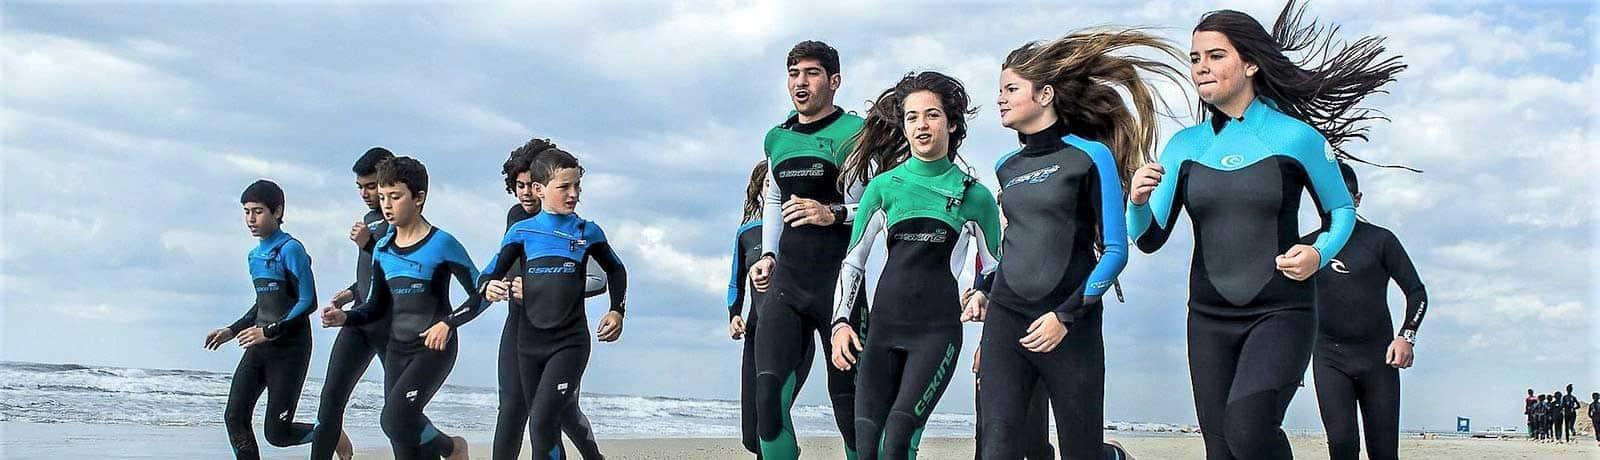 גל ים חוג ילדים ונוער